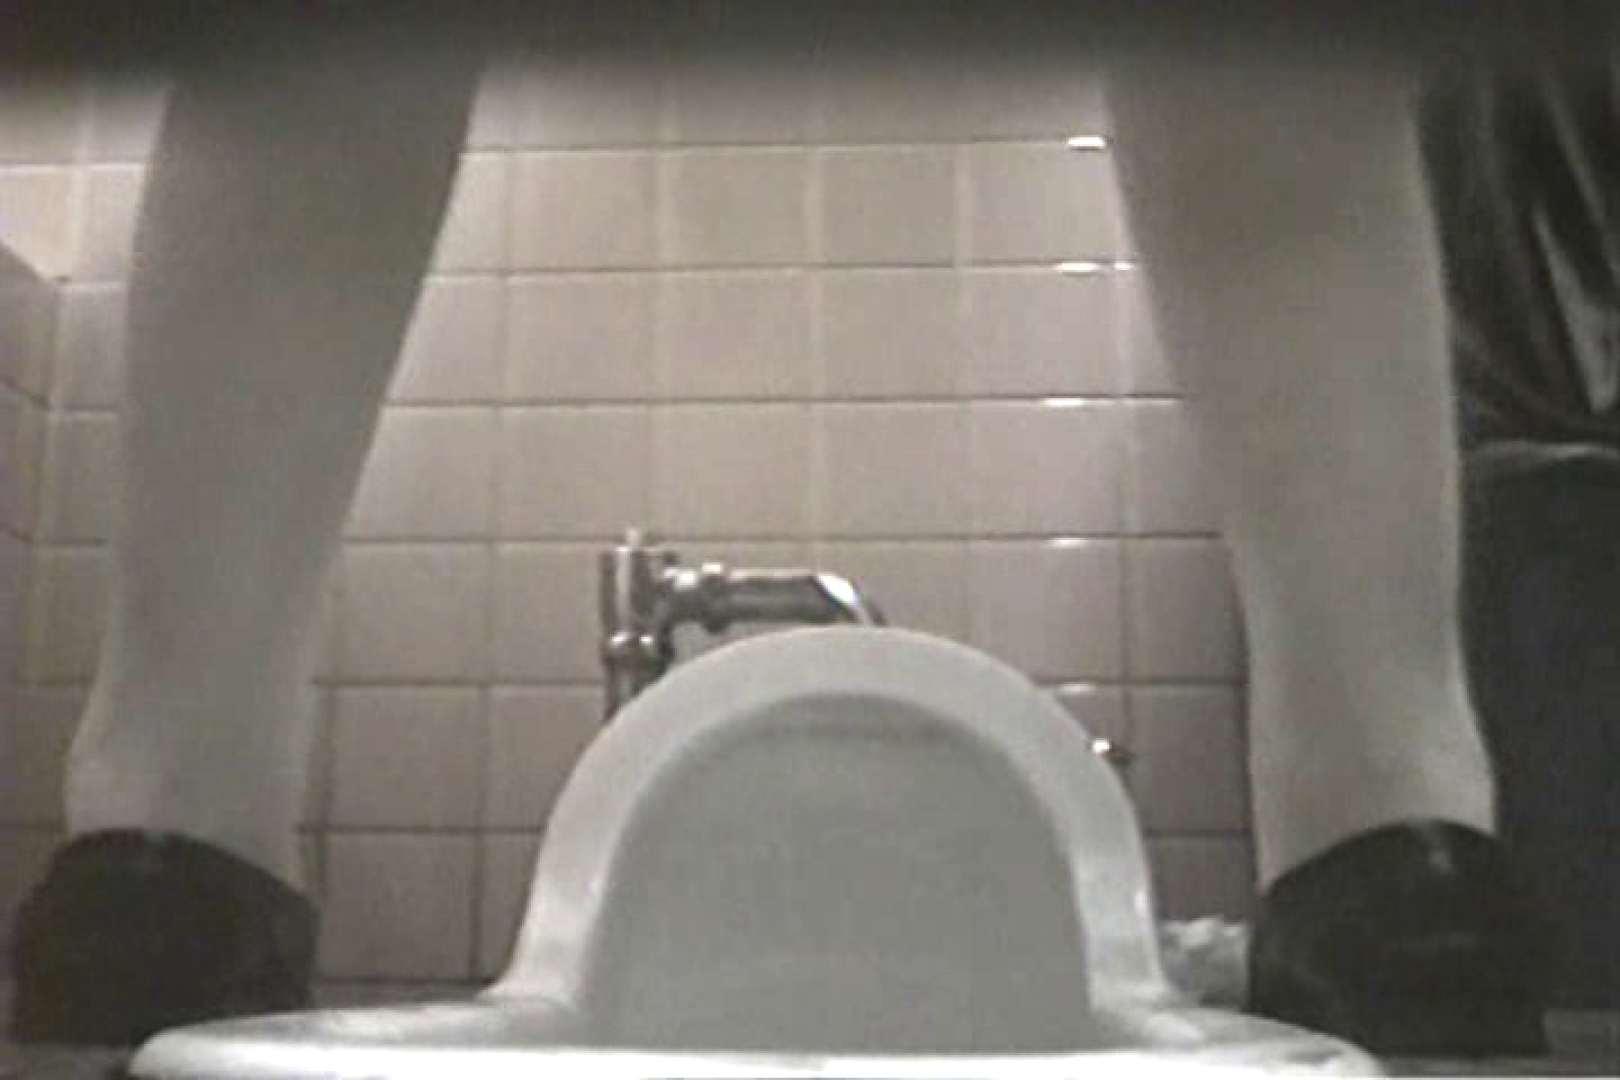 プロには撮れない女子洗面所の内部 TK-70 下半身 セックス画像 101pic 79